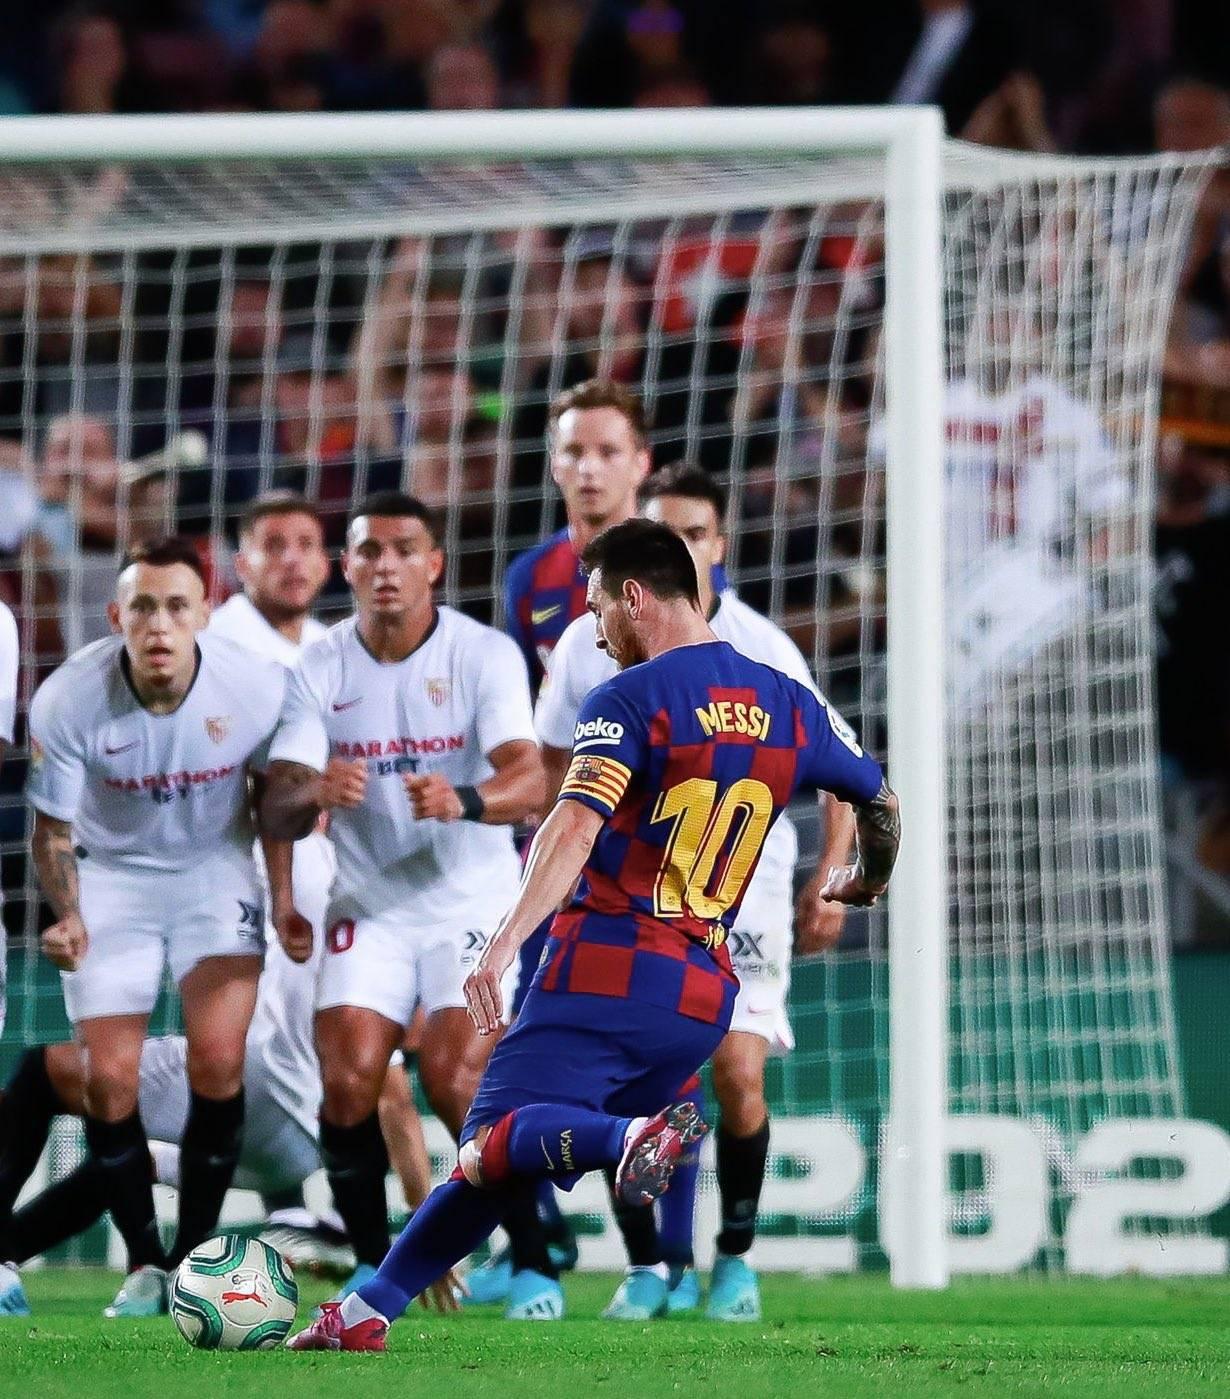 苏亚雷斯被铲倒后他怒推对手 无愧球队领袖